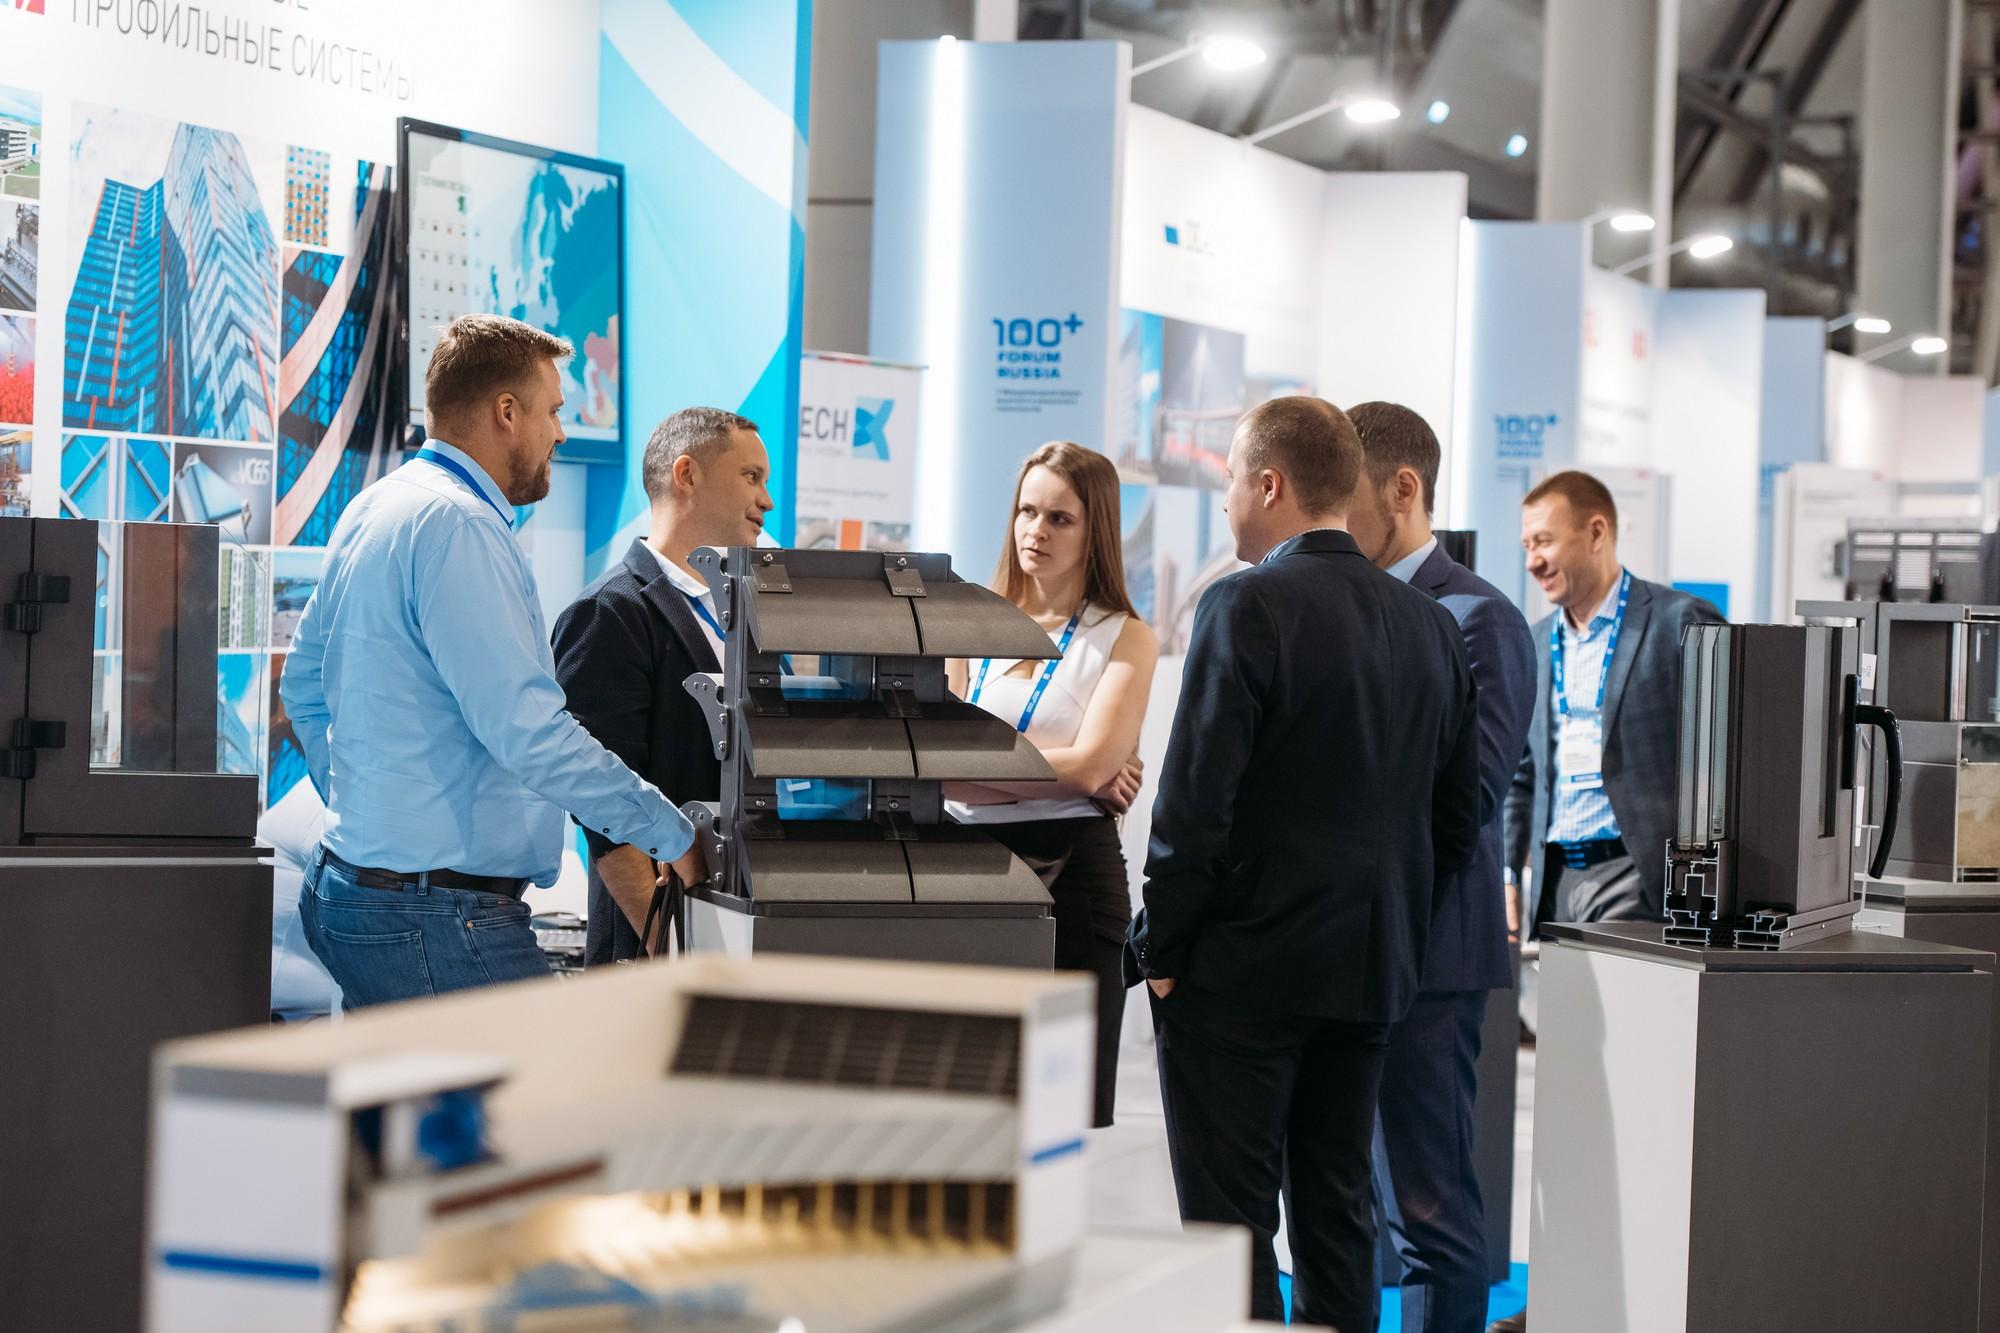 Выросло количество международных компаний-участников выставки 100+ Технологии для городов.